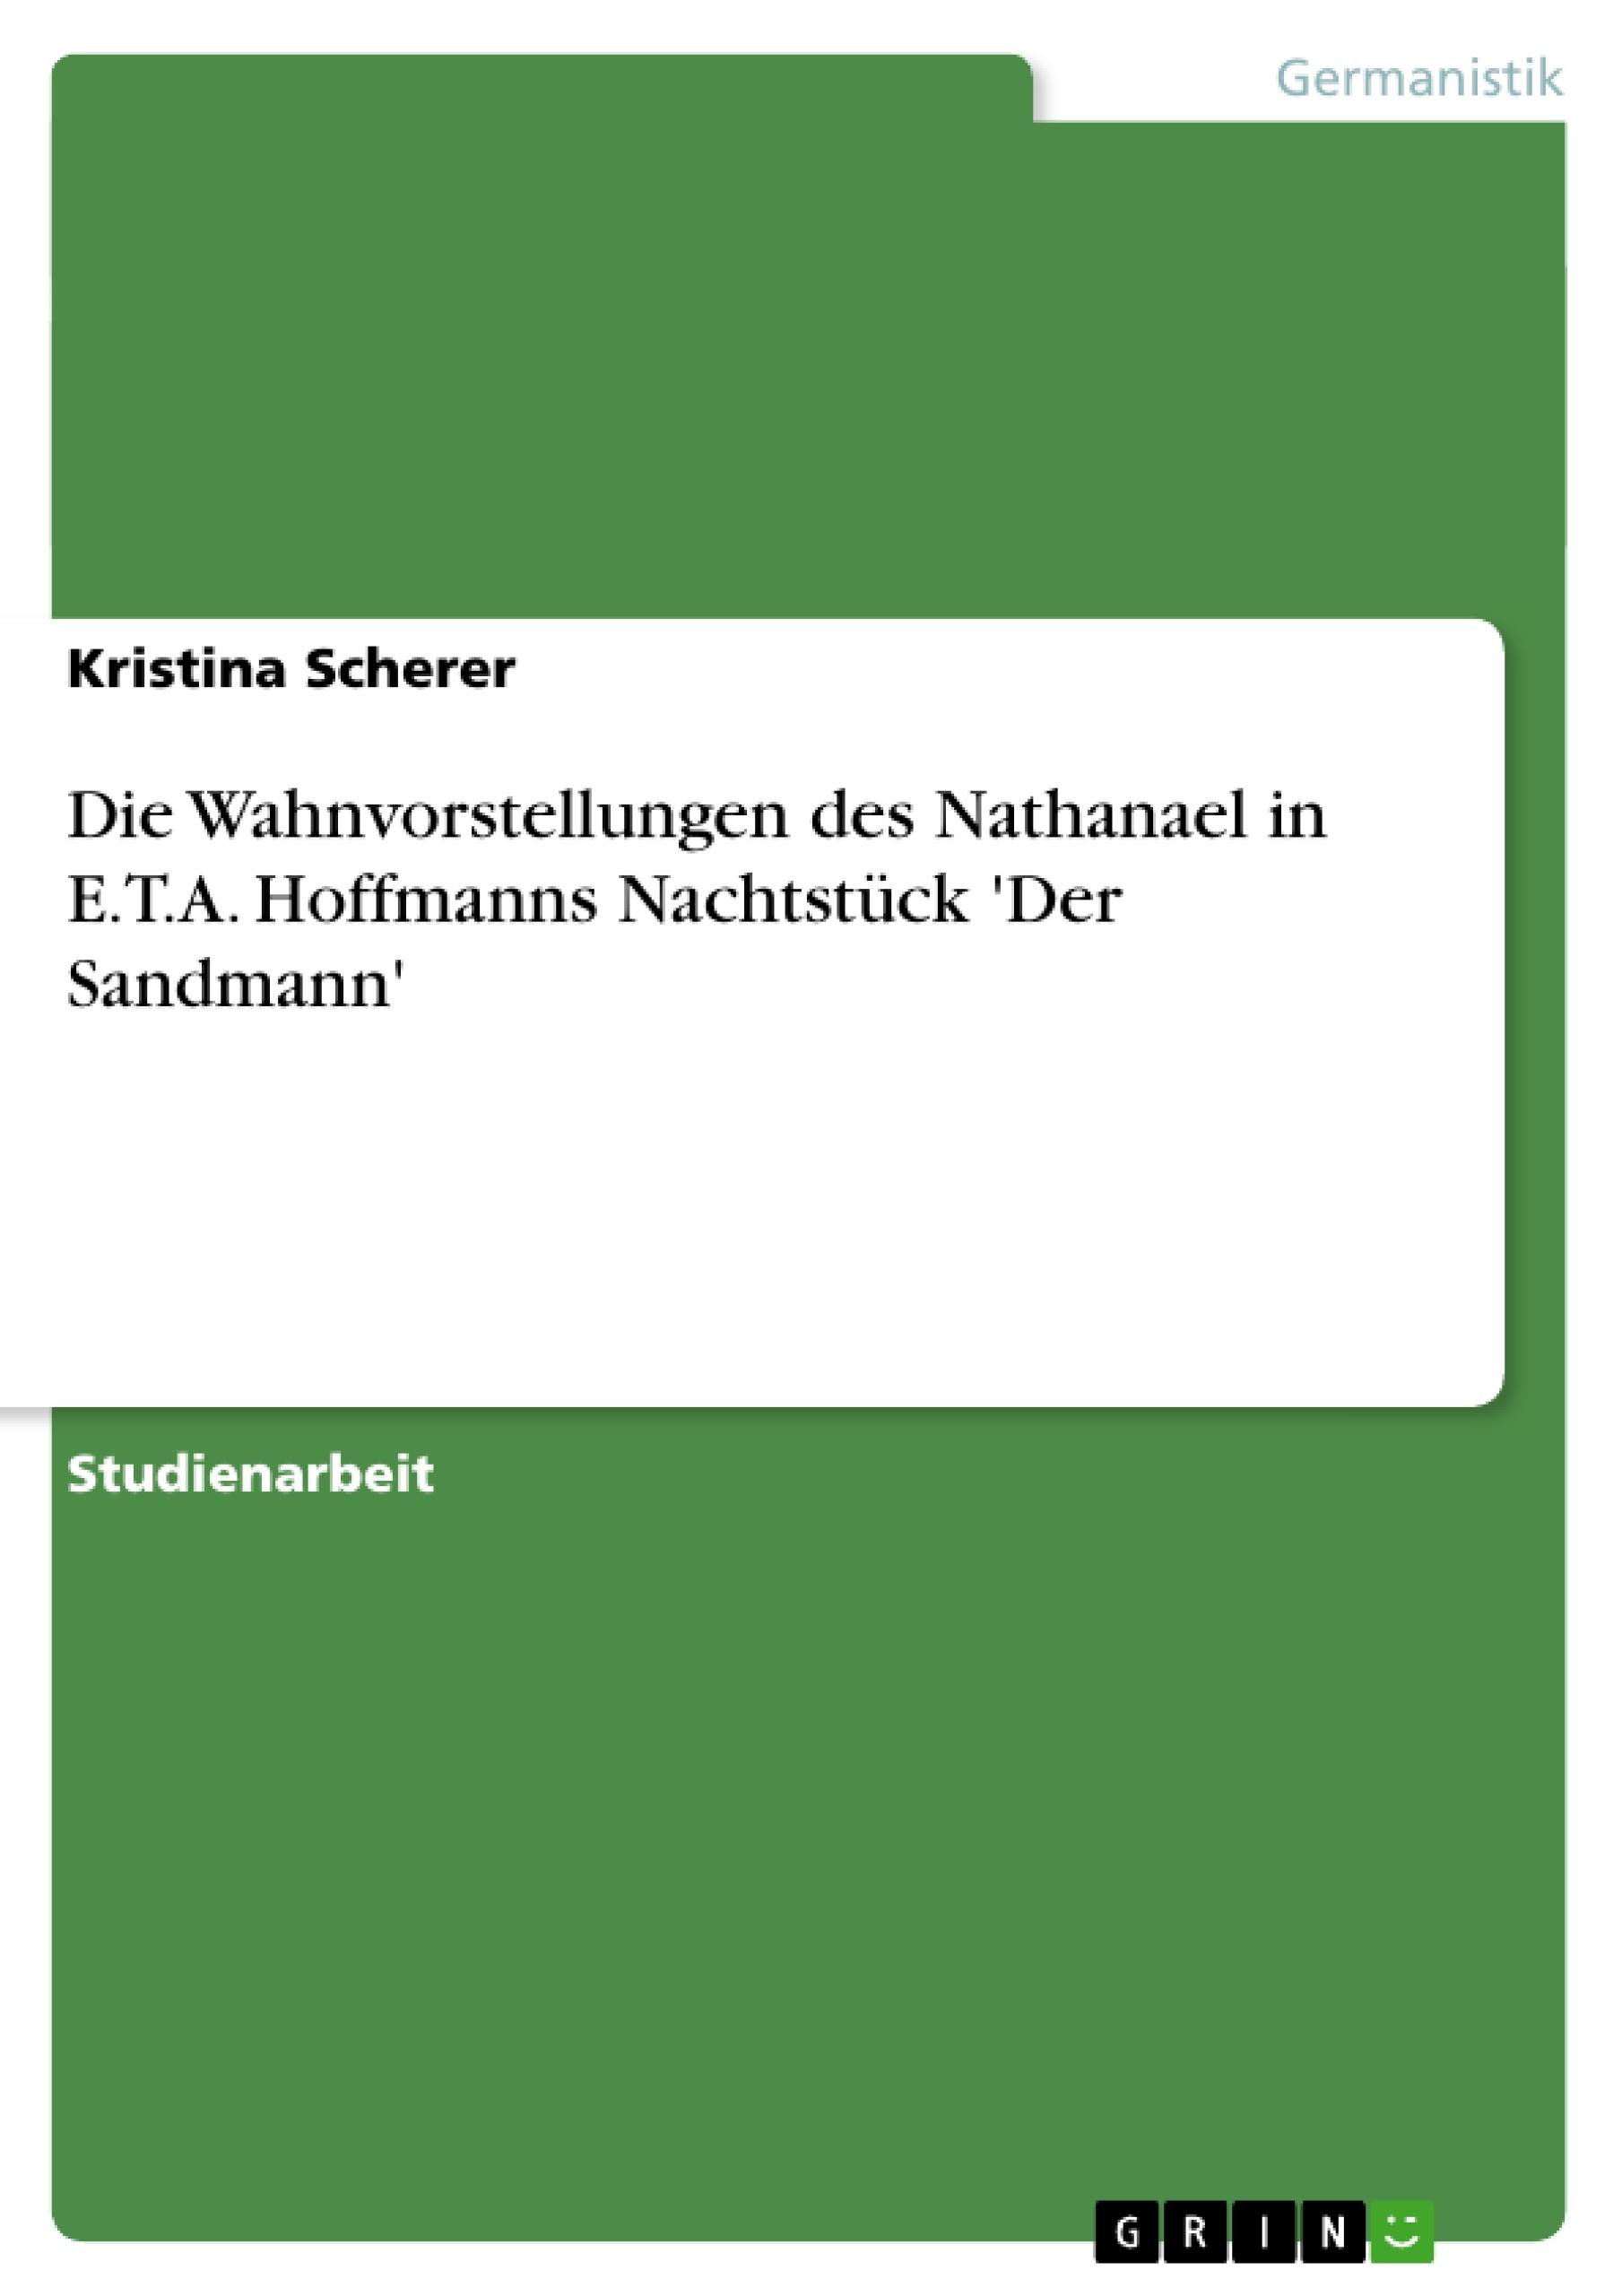 Titel: Die Wahnvorstellungen des Nathanael in E.T.A. Hoffmanns Nachtstück 'Der Sandmann'